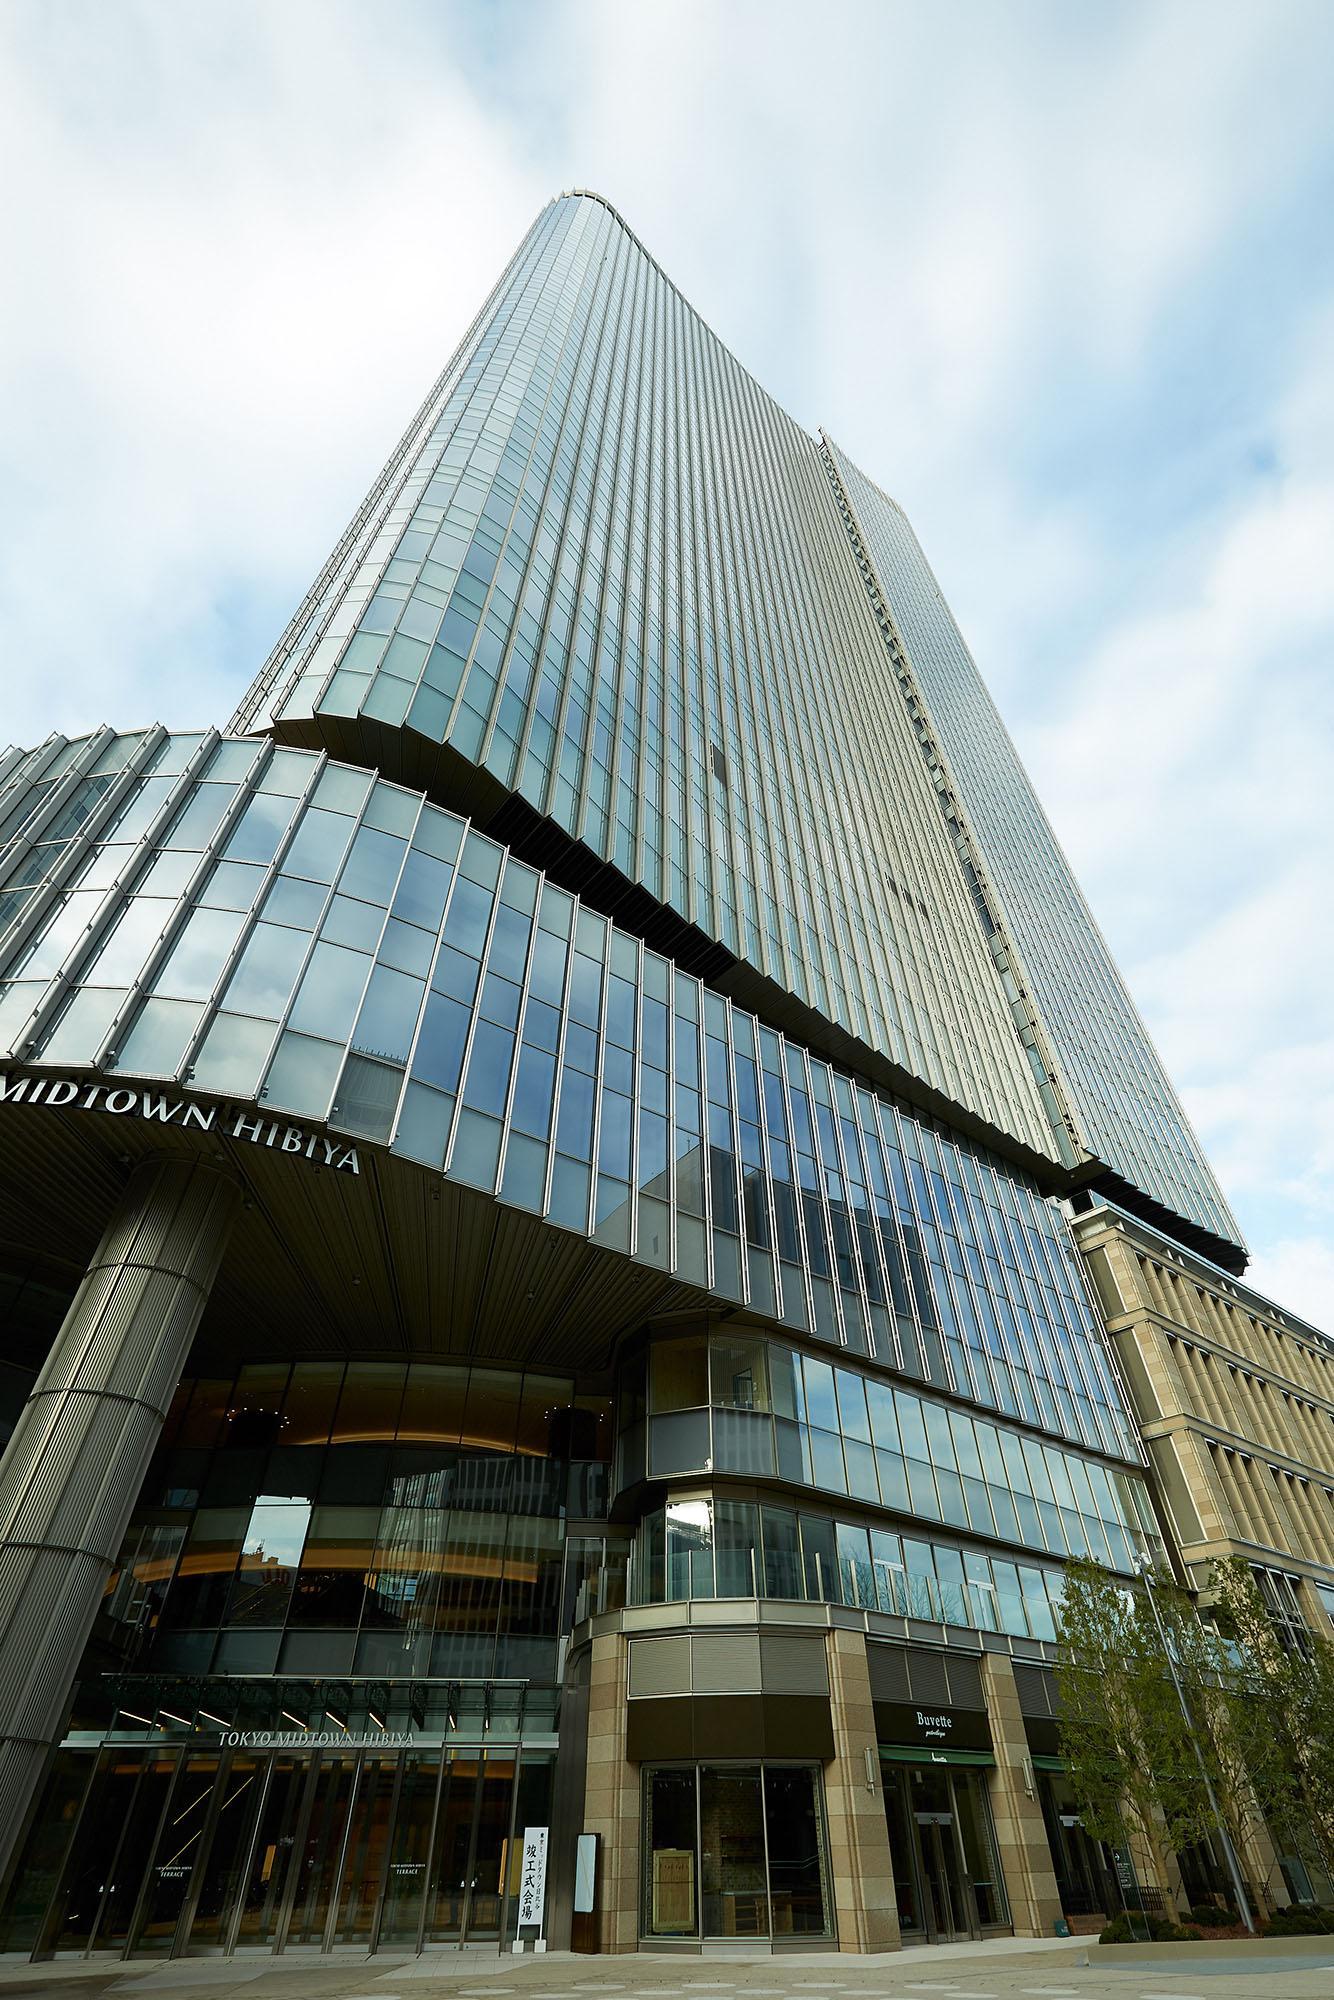 パナソニックが「東京ミッドタウン日比谷」内に新拠点を開設